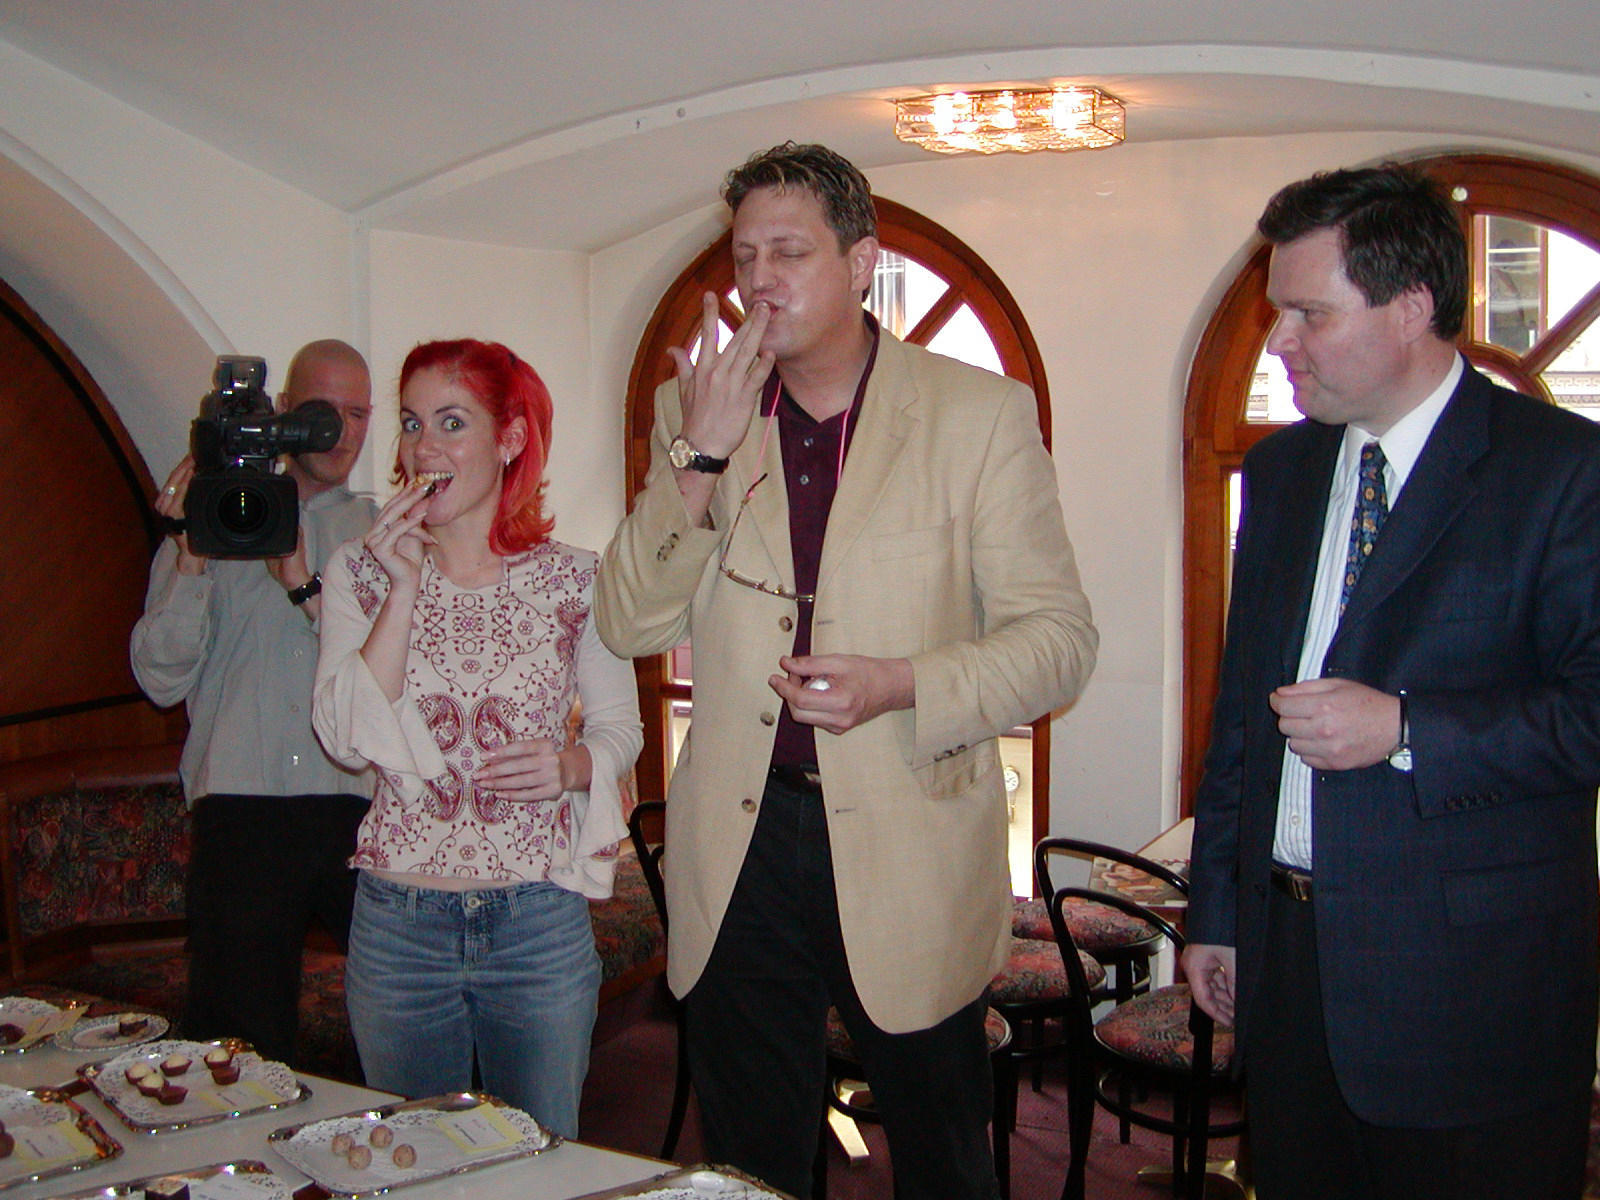 Prominente Verkoster prüften Trüffelspezialitäten auf Herz und Nieren. Im Bild v.l.n.r.: Adriane Zartl, Dieter Chmelar und Reinhard Krainz beim Verkosten der Trüffel.